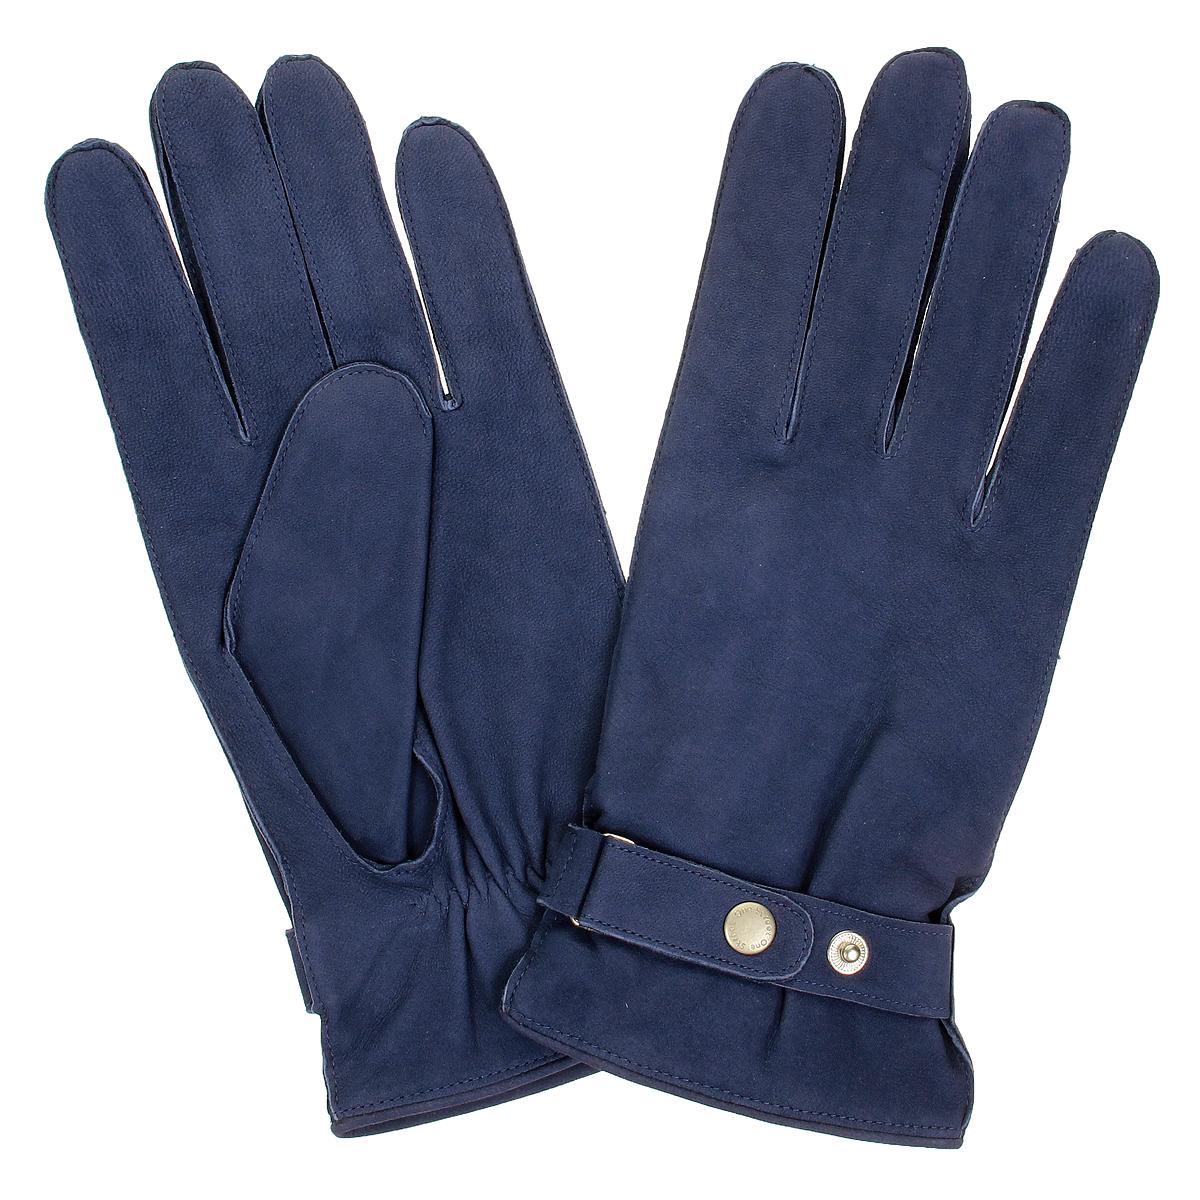 Перчатки мужские. 13013-61013013-610/43Стильные мужские перчатки Baggini не только защитят ваши руки от холода, но и станут великолепным украшением. Перчатки выполнены из чрезвычайно мягкой и приятной на ощупь натуральной кожи на подкладке из акриловой пряжи. С внешней стороны перчатки дополнены хлястиком на кнопках, регулирующим ширину. В настоящее время перчатки являются неотъемлемой принадлежностью одежды. Перчатки станут завершающим и подчеркивающим элементом вашего стиля и неповторимости.